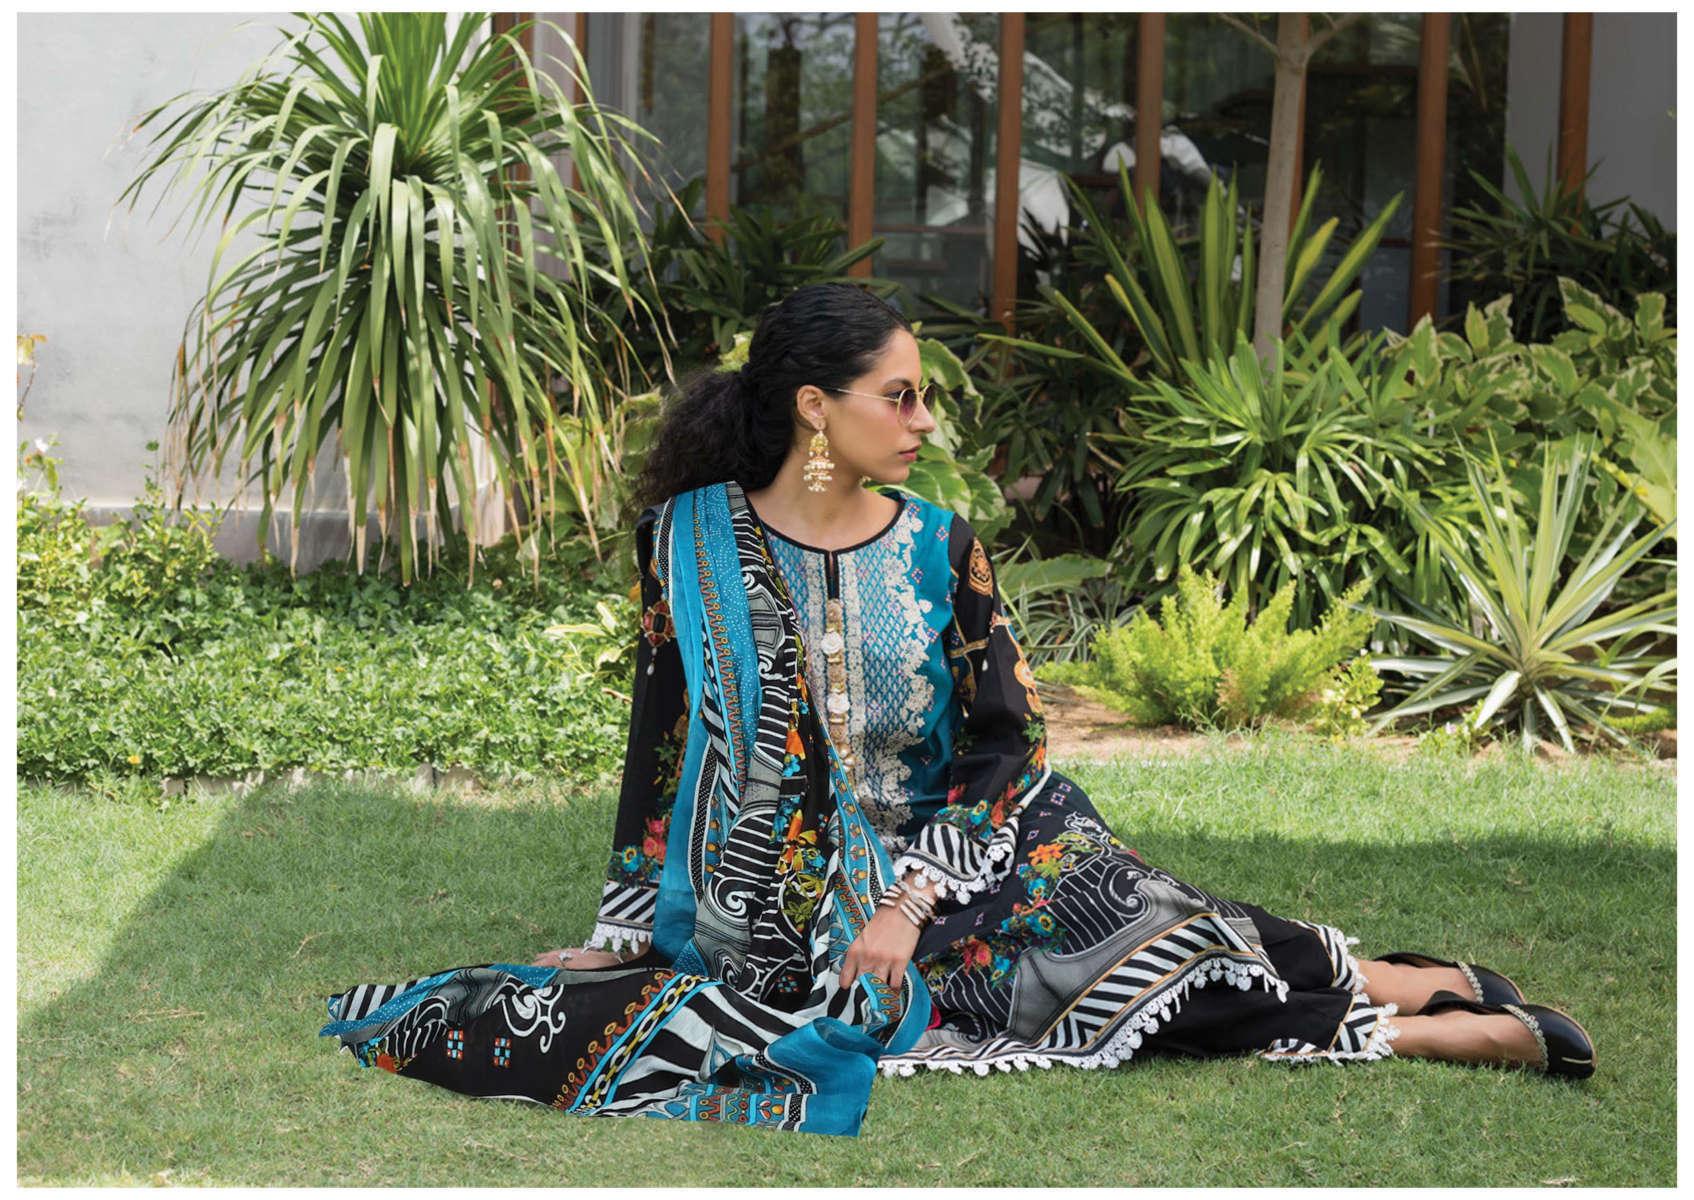 Iris Vol 10 Karachi Cotton Salwar Suit Wholesale Catalog 10 Pcs 6 - Iris Vol 10 Karachi Cotton Salwar Suit Wholesale Catalog 10 Pcs